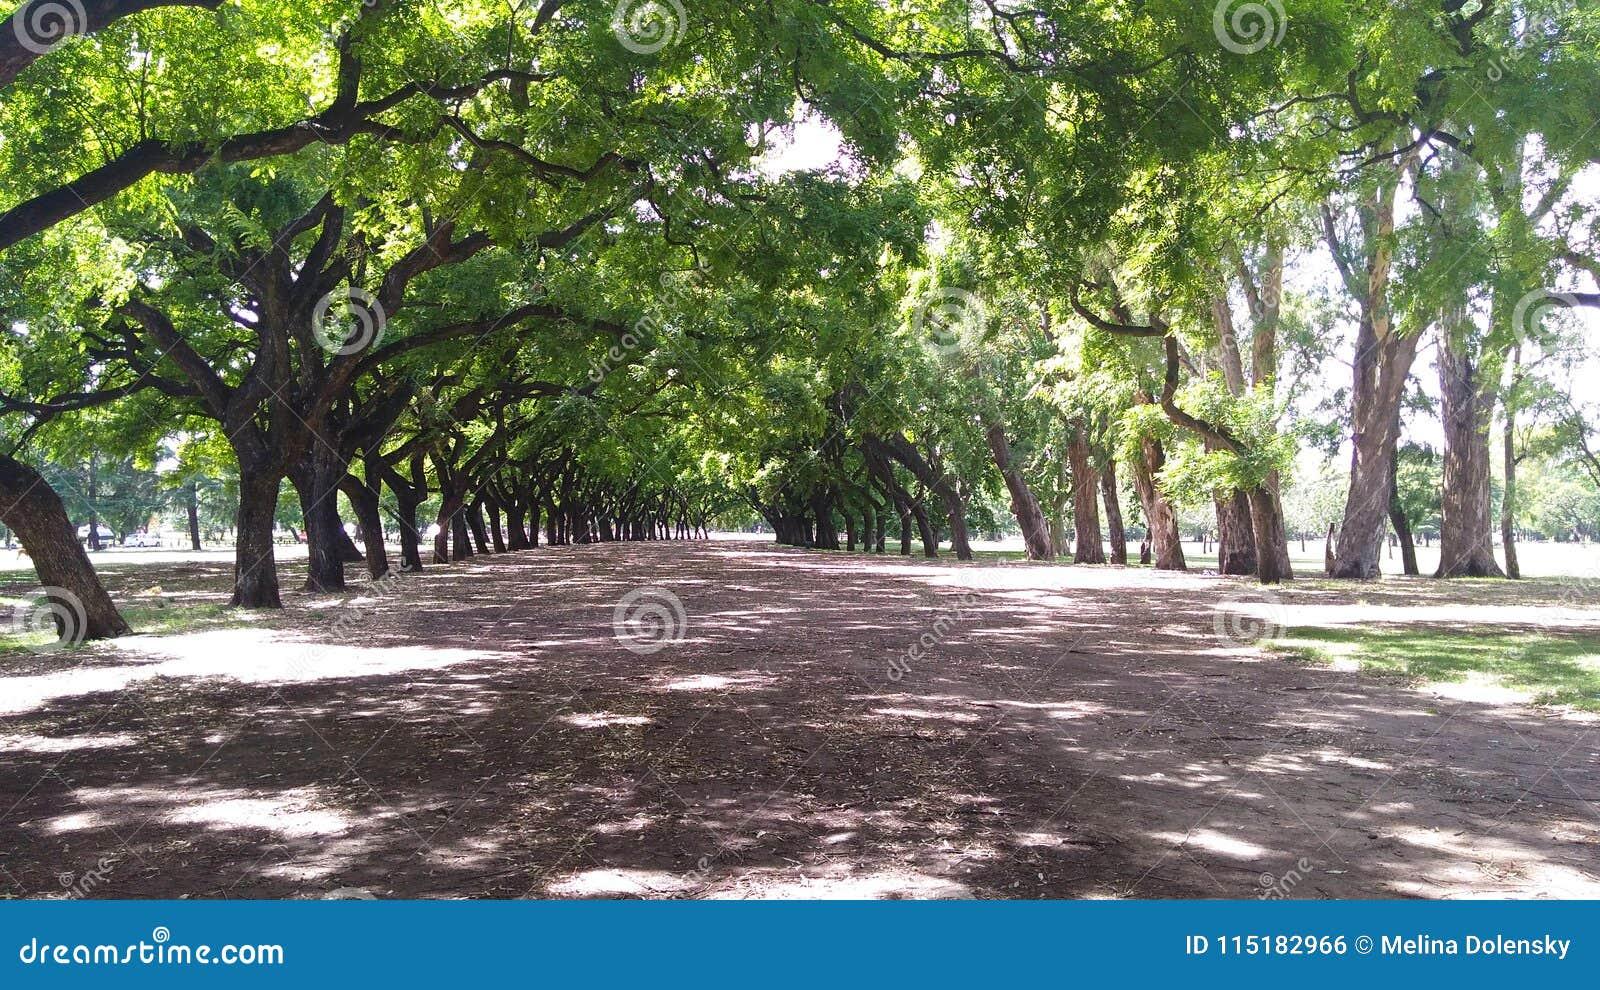 Путь между деревьями, Bosques de Палермо, Буэнос-Айрес - Argen